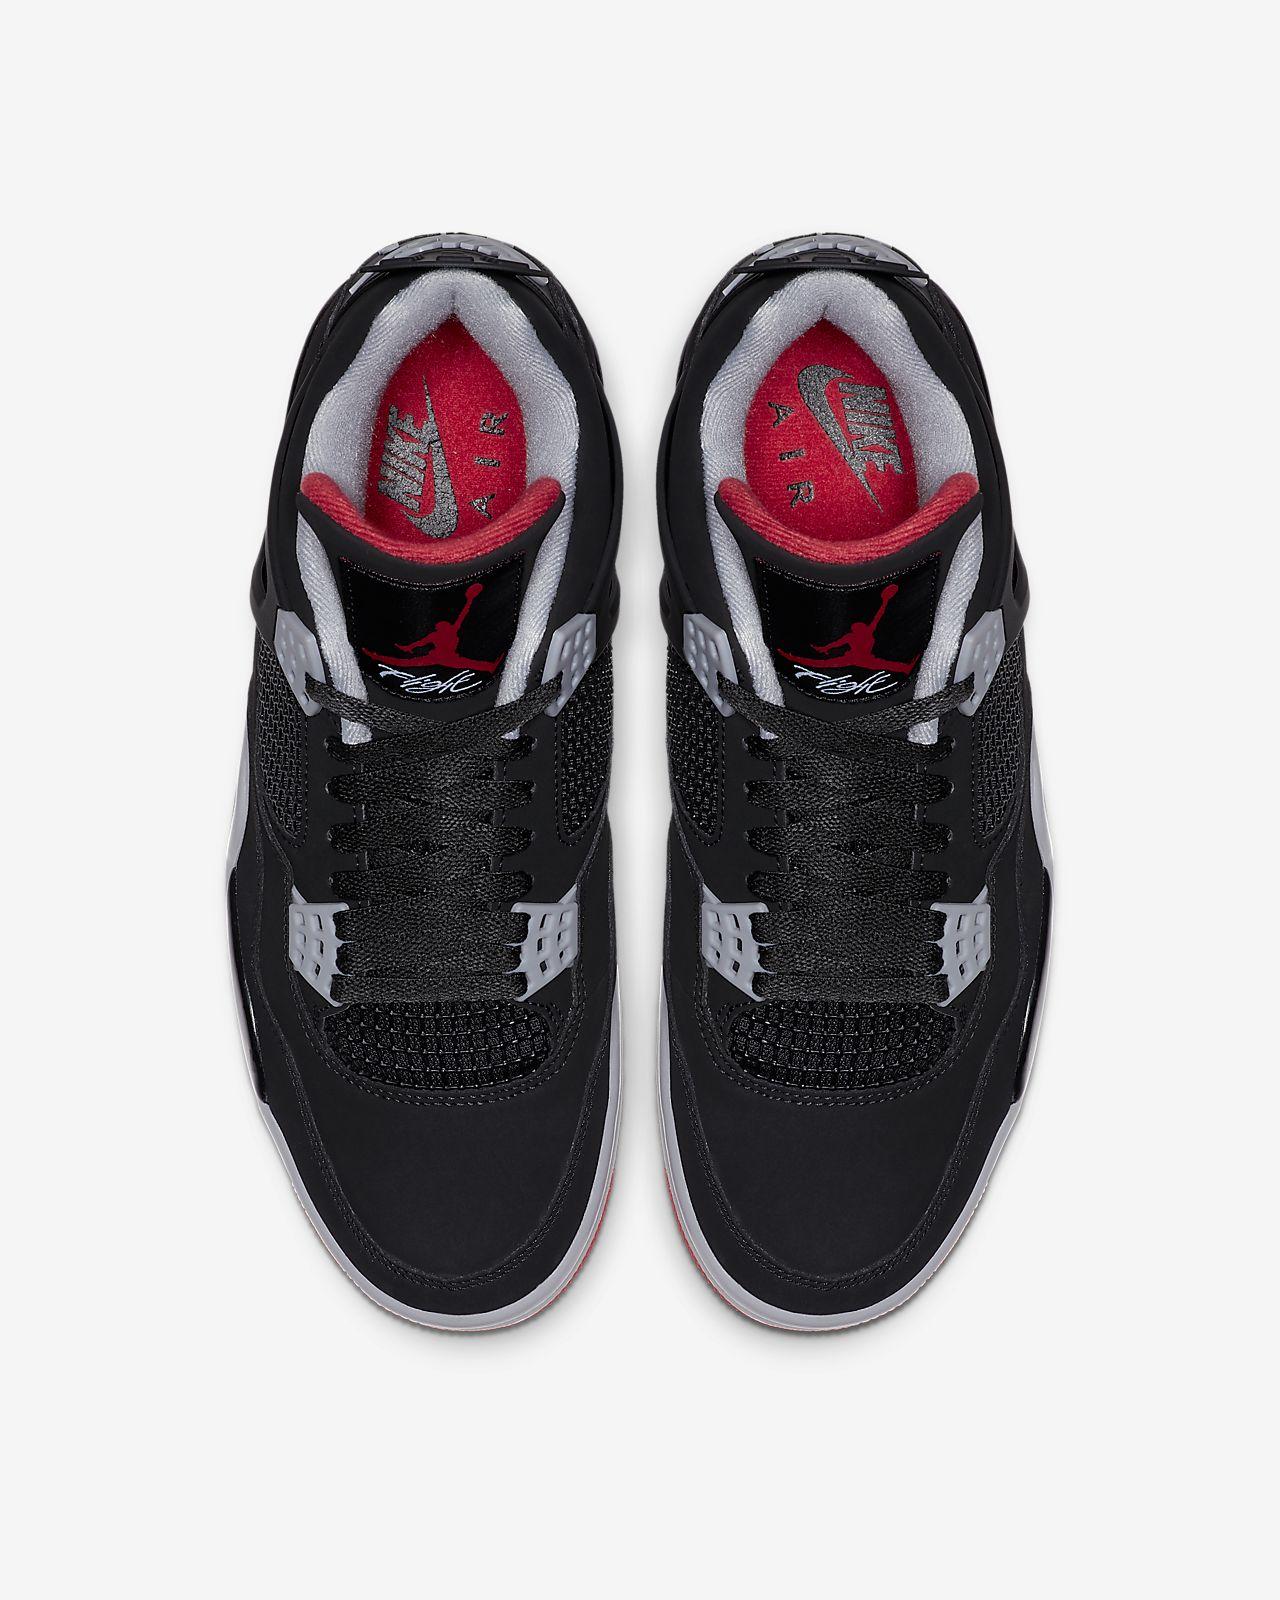 buy online 1ec37 be406 ... Chaussure Air Jordan 4 Retro pour Homme